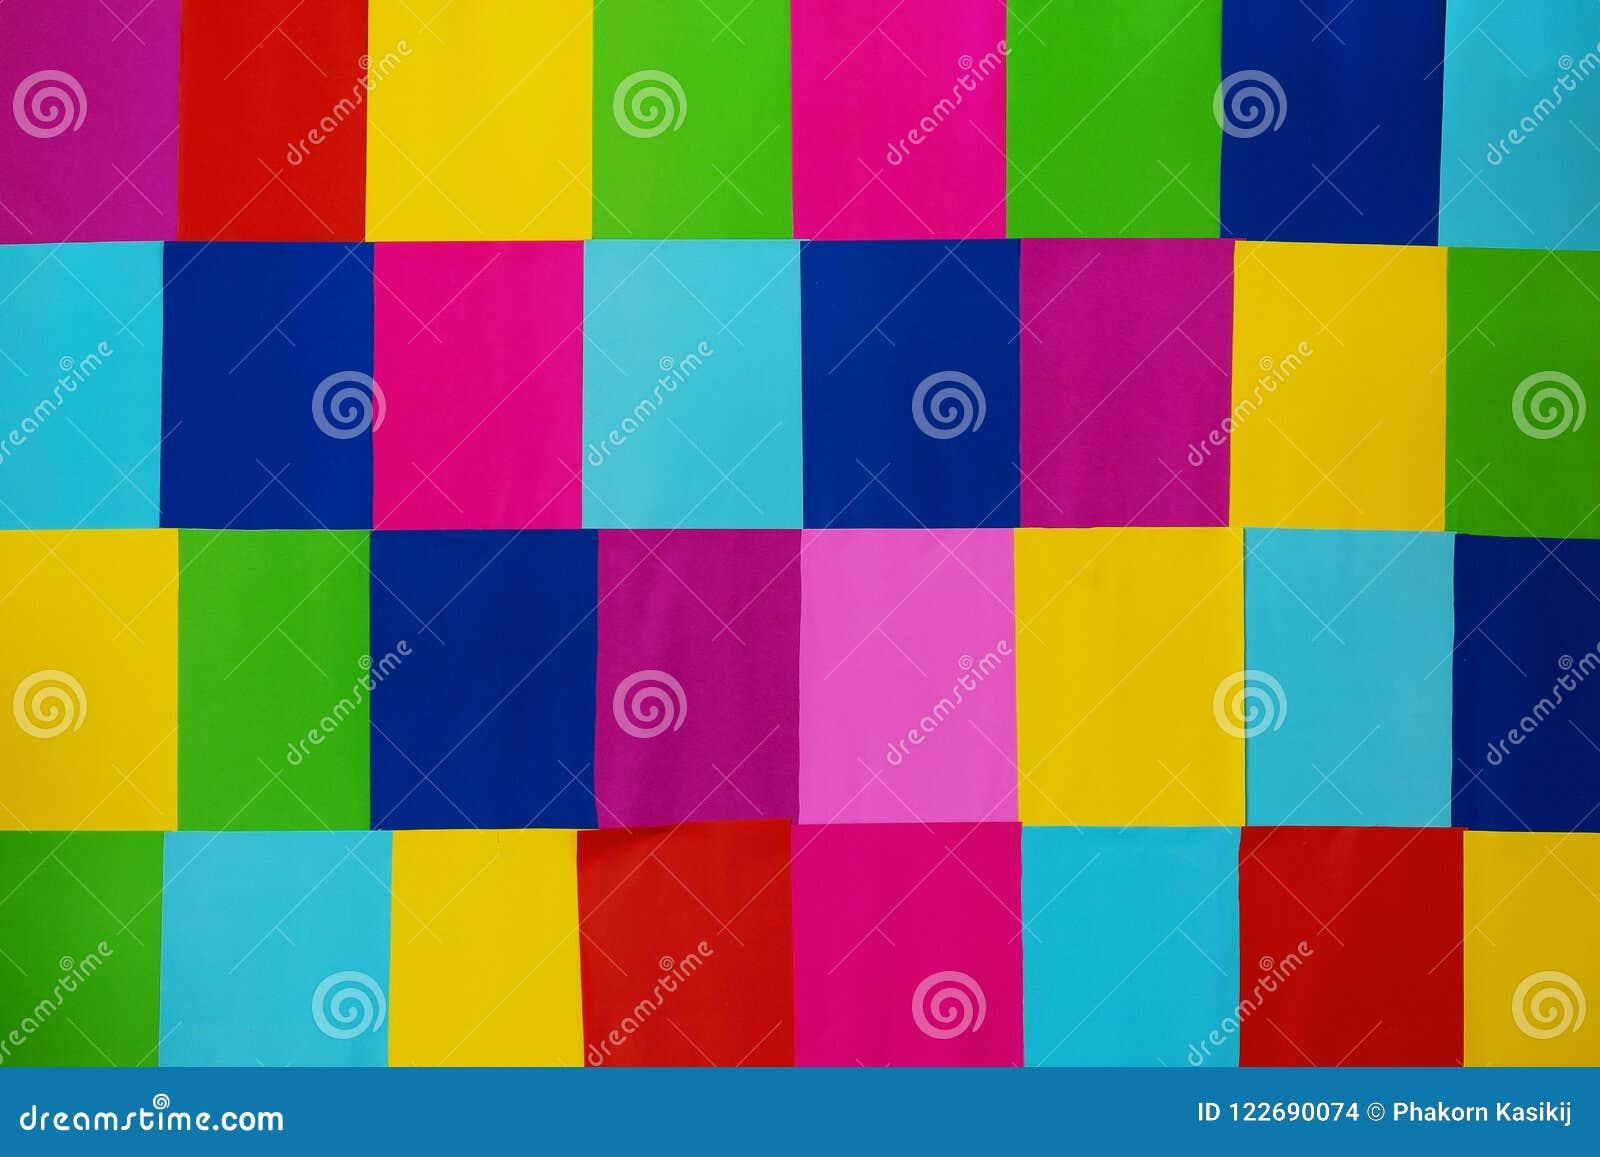 Veelvoudig Kleurendocument die Muur, Divers Kleurrijk Muuridee verfraaien